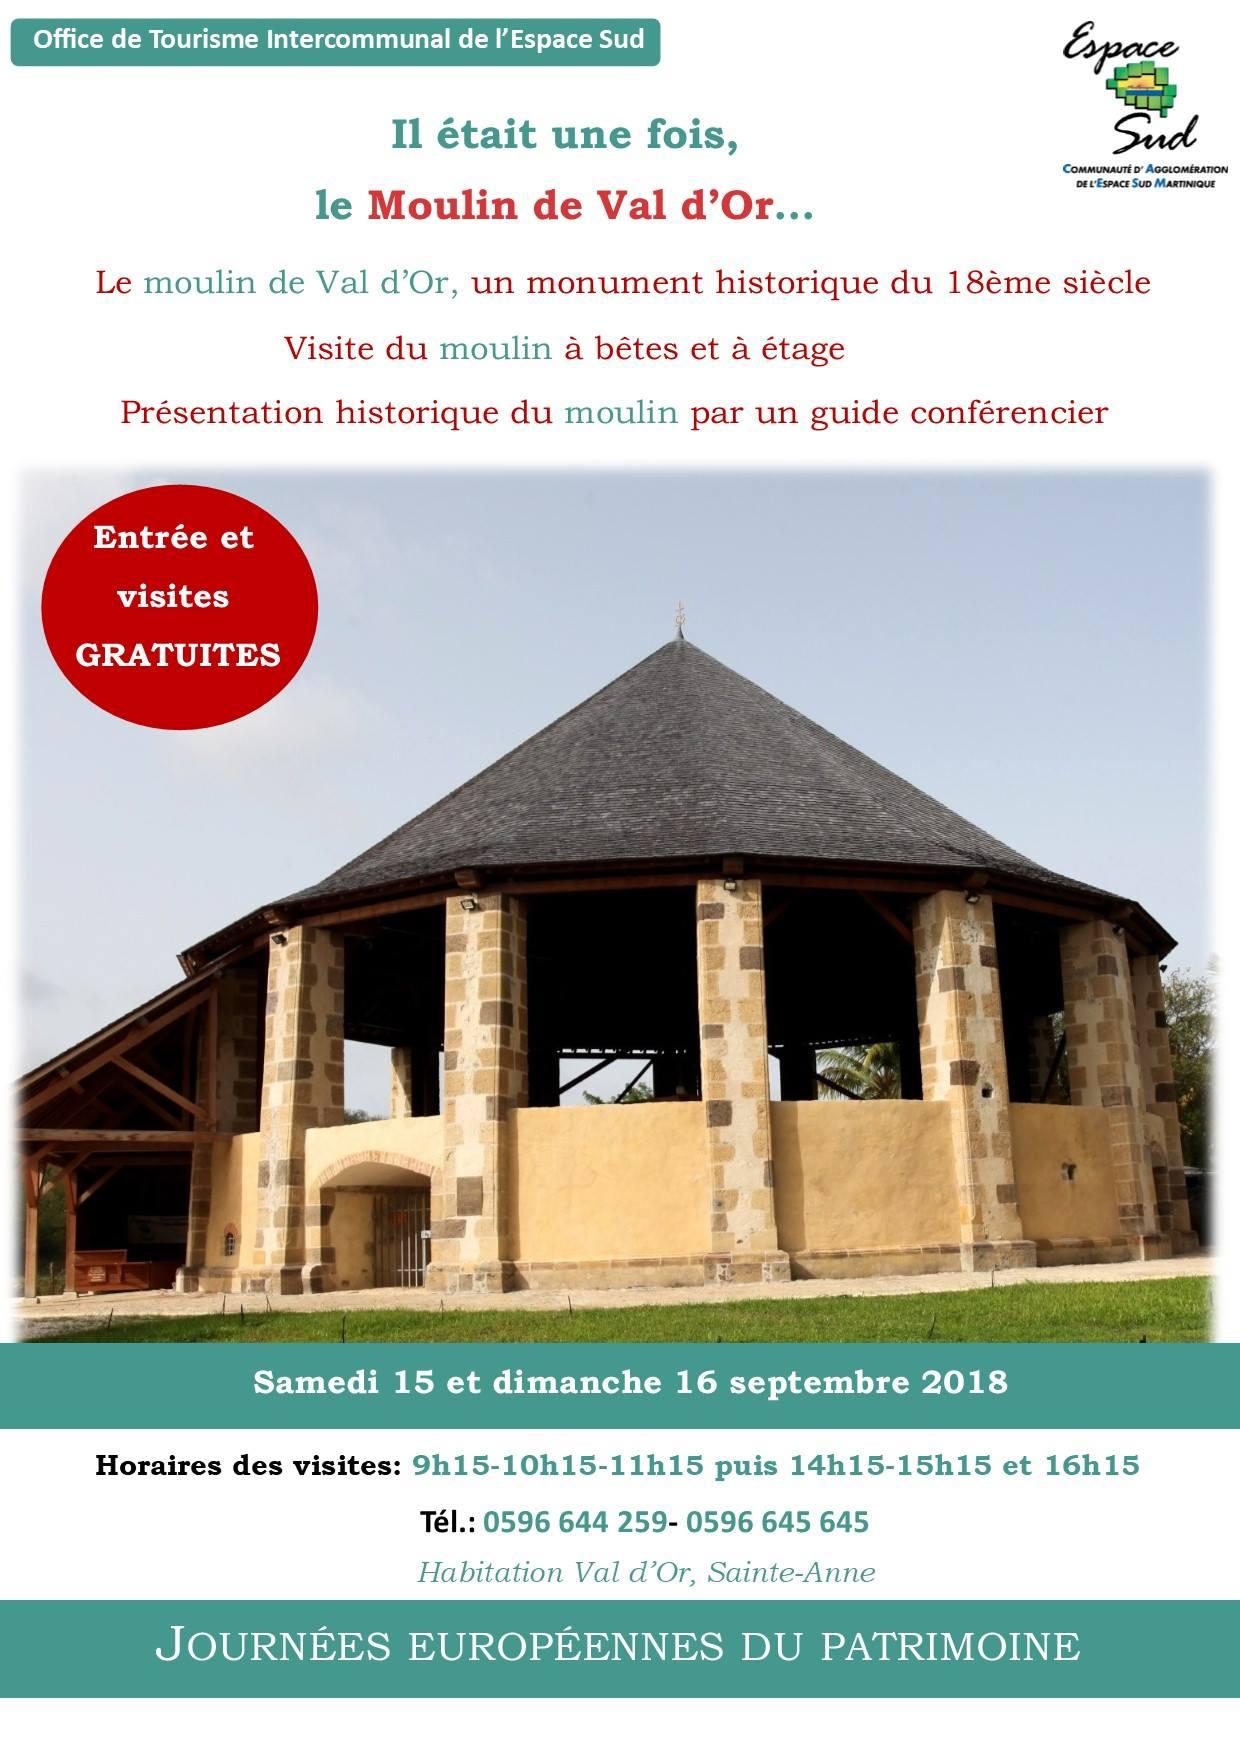 1509 Journée Patrimoine Moulin de Val dor